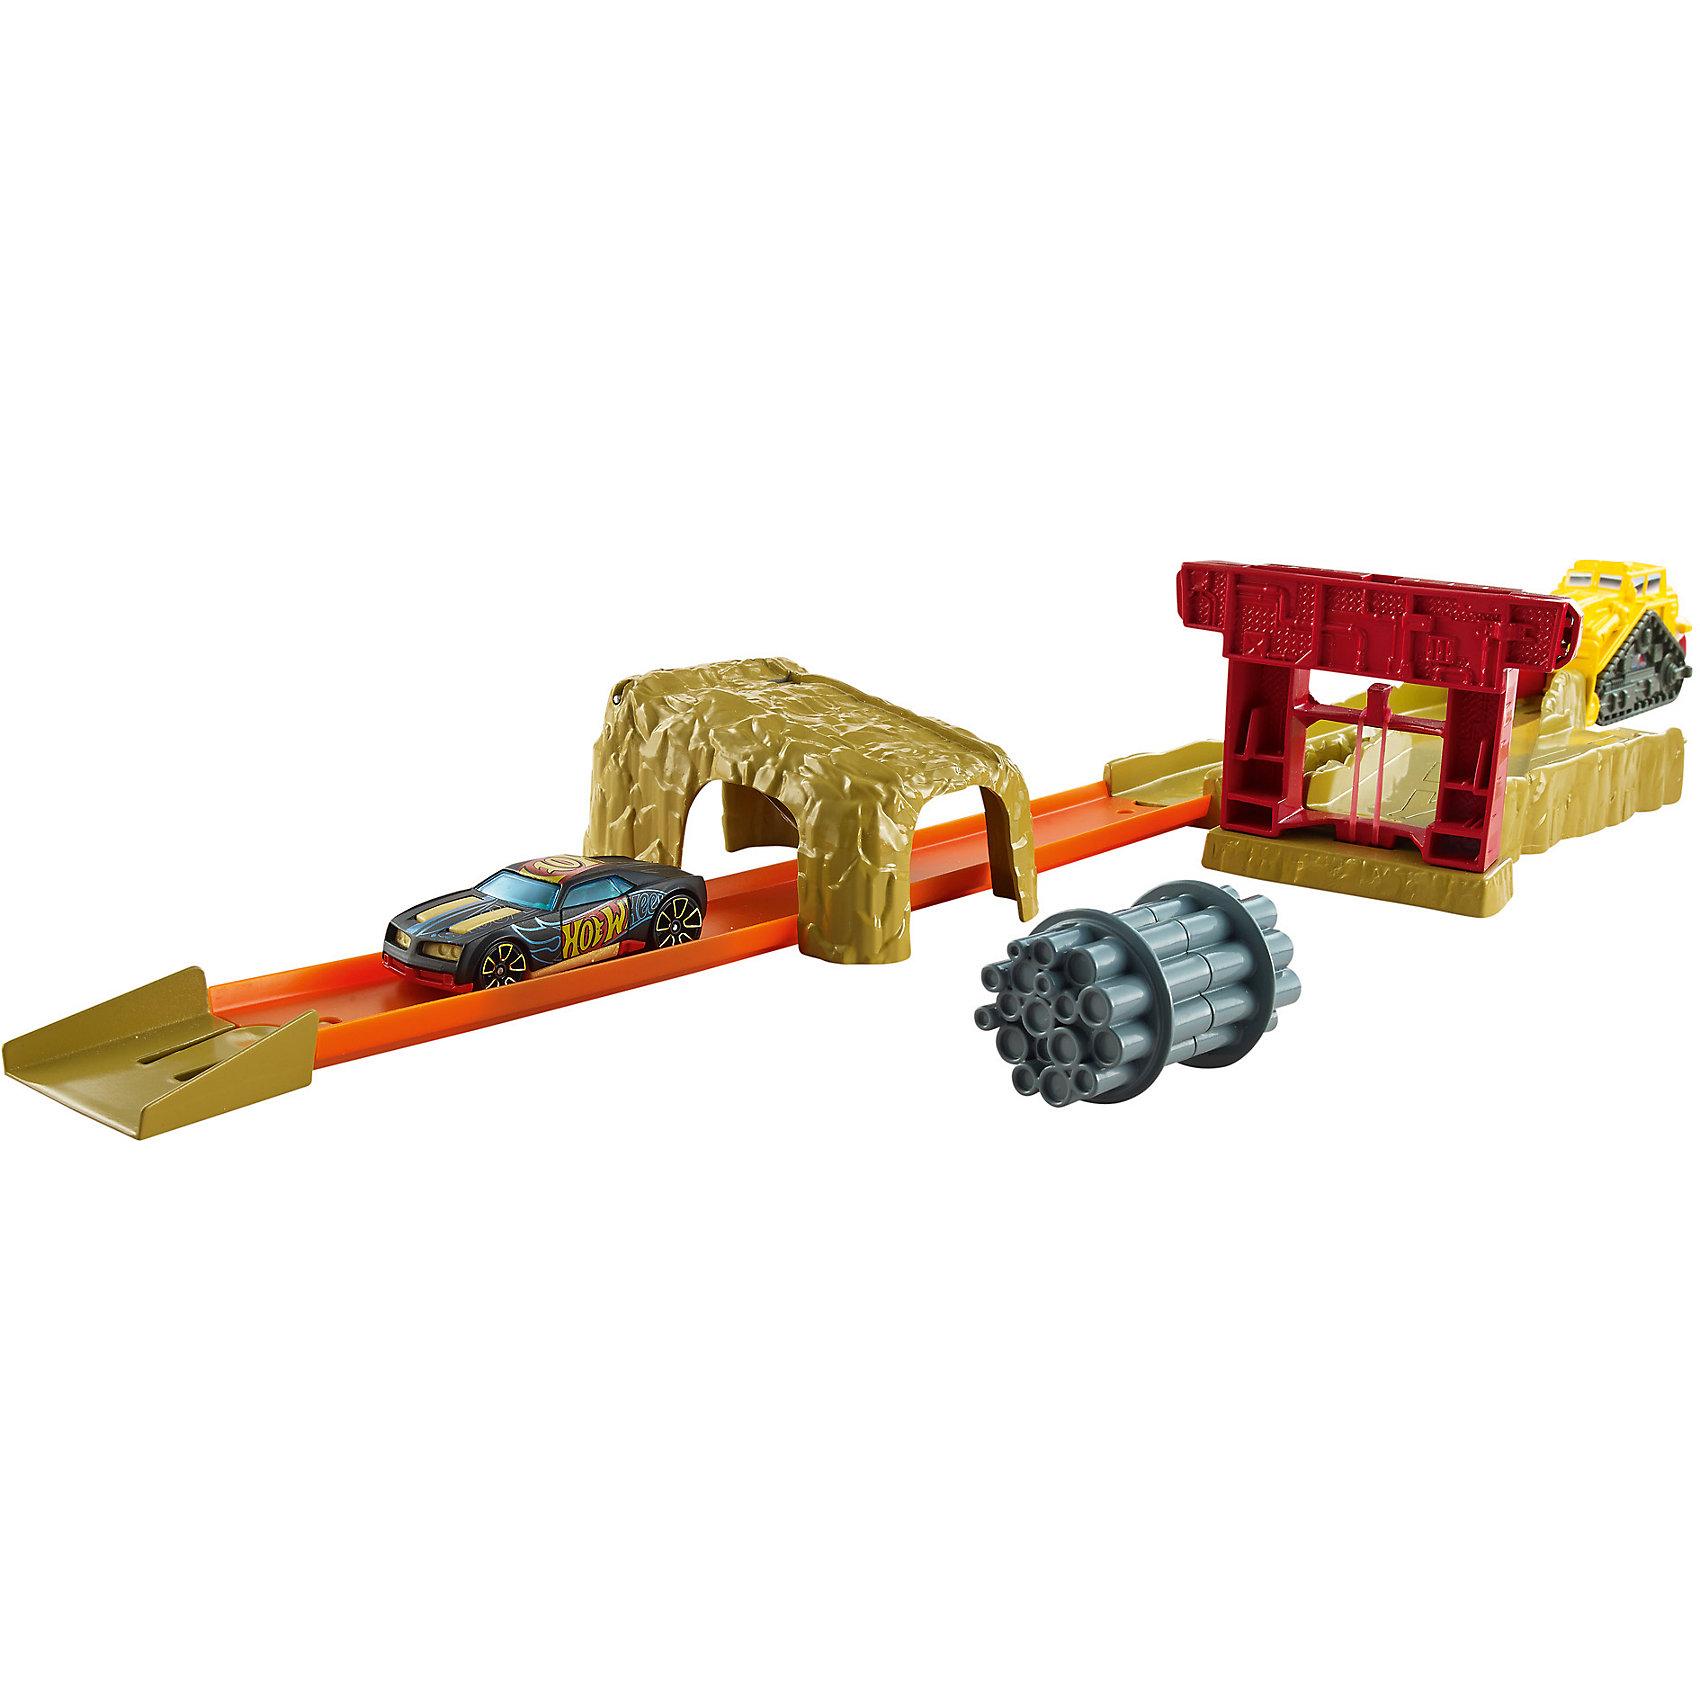 Hot Wheels Игрушечный трек БульдозерИгровые наборы<br>Характеристики товара:<br><br>• материал: ПВХ, пластик<br>• возраст: 4+<br>• комплектация: горка, гоночная машина, бульдозер и аксессуары<br>• страна производства: Китай<br><br>Всем известно, что любимые игрушки мальчиков – машинки. Современный выбор игрушек дает возможность почувствовать себя организатором гоночных соревнований. Так, игрушечный трек с бульдозером, несомненно, внесет разнообразие в игровой процесс ребенка. Качественная игрушка прослужит далеко не один год, не теряя при этом первоначального вида! Материалы, использованные при изготовлении товара, сертифицированы и отвечают всем международным требованиям по качеству. <br><br>Набор «Hot Wheels Игрушечный трек Бульдозер» можно приобрести в нашем интернет-магазине.<br><br>Ширина мм: 55<br>Глубина мм: 405<br>Высота мм: 190<br>Вес г: 639<br>Возраст от месяцев: 48<br>Возраст до месяцев: 120<br>Пол: Мужской<br>Возраст: Детский<br>SKU: 4953524